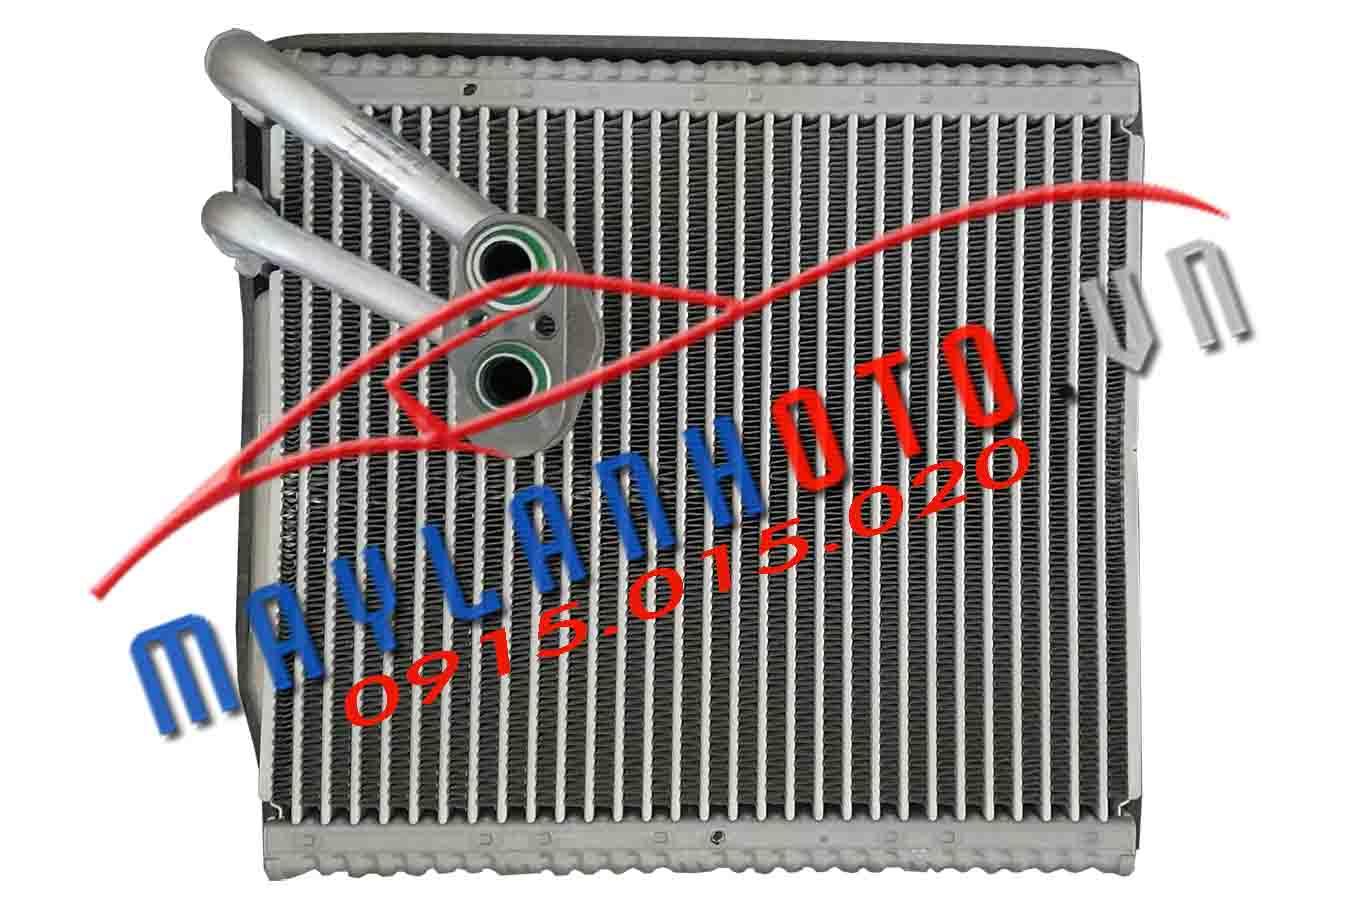 Hyundai Avante 16 / Dàn lạnh Hyundai Avante 2016 / Giàn lạnh Hyundai Avante 2016